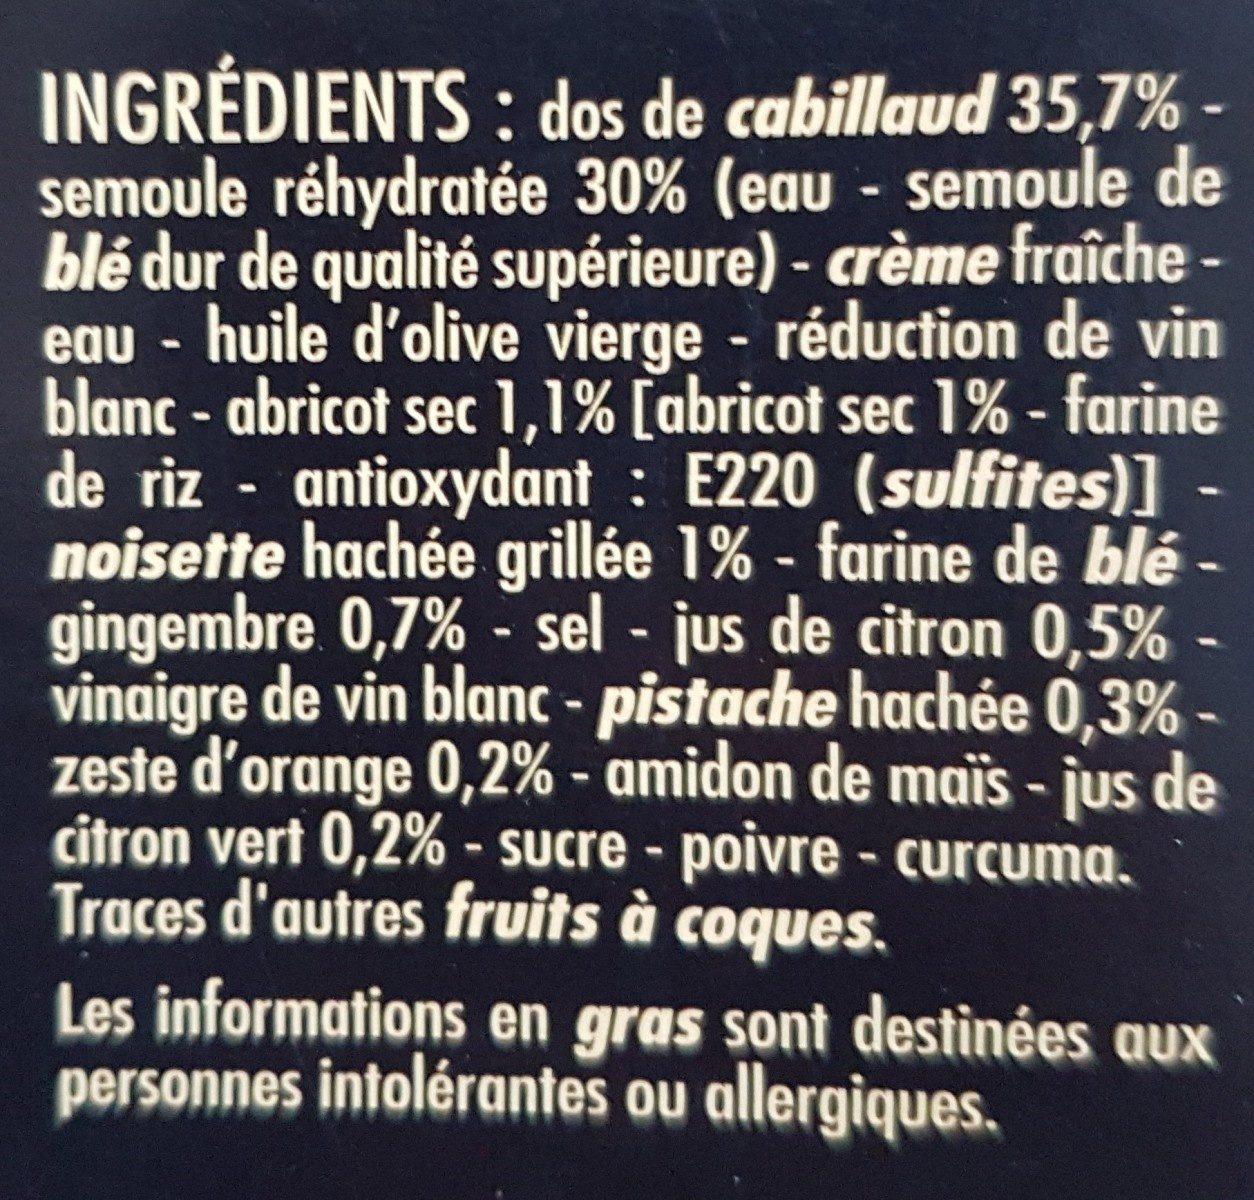 Cabillaud sauce agrumes et semoule aux fruits secs - Ingredients